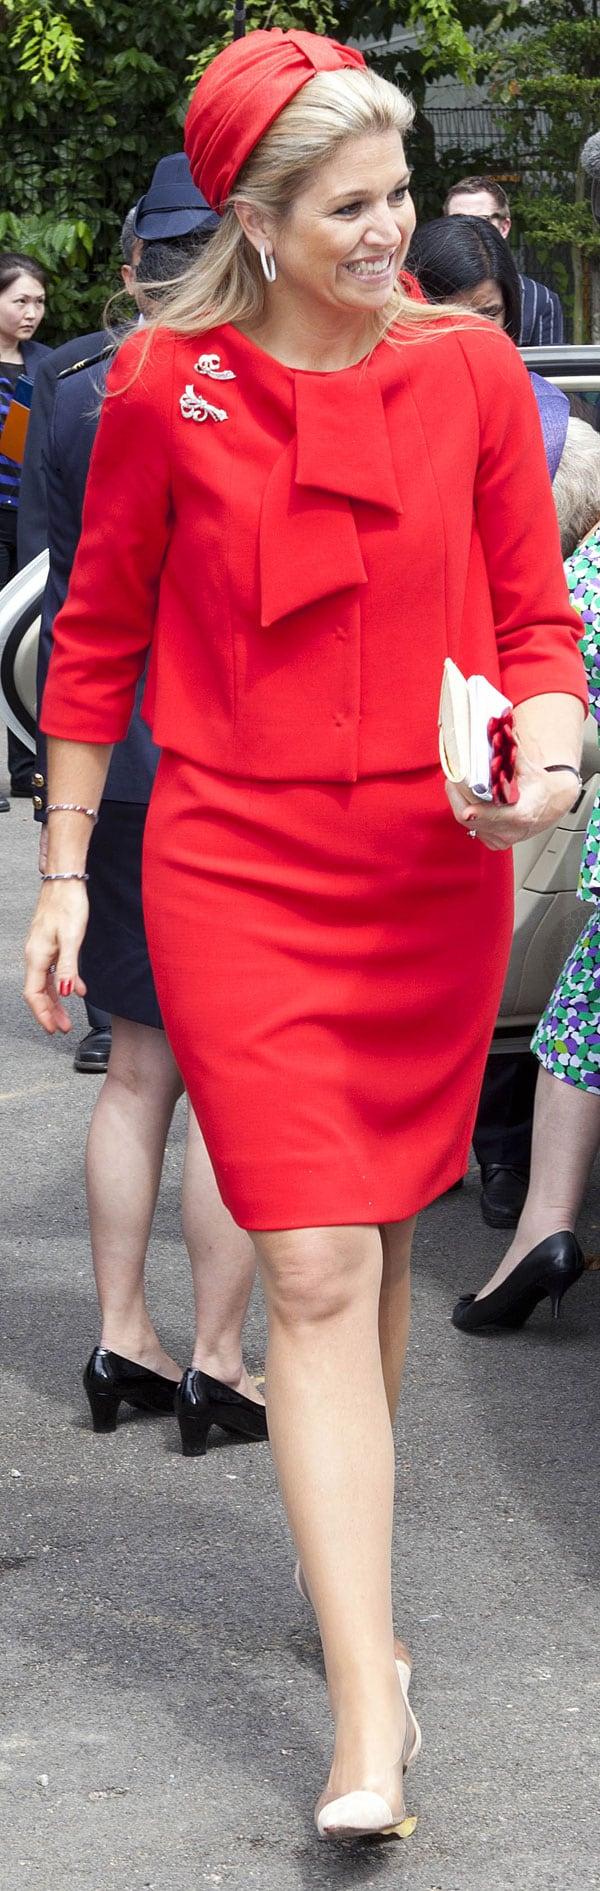 mujer-de-rojo